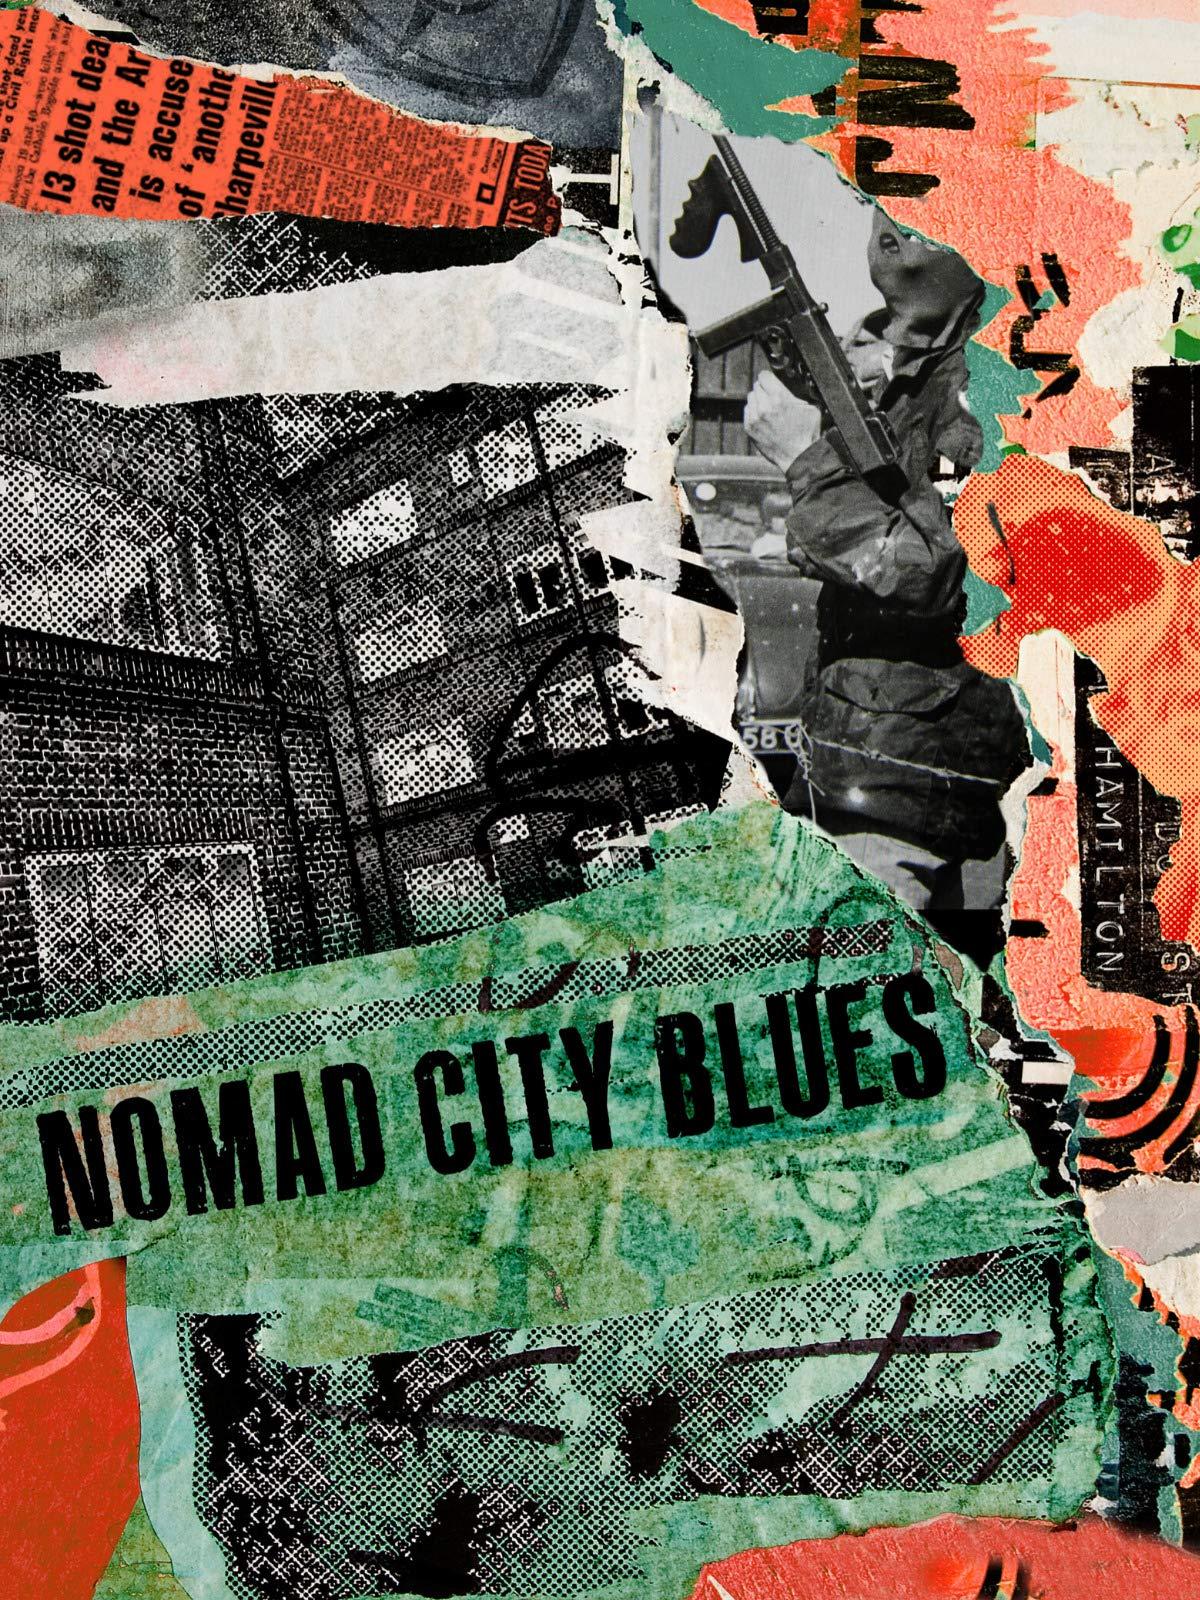 Nomad City Blues on Amazon Prime Video UK